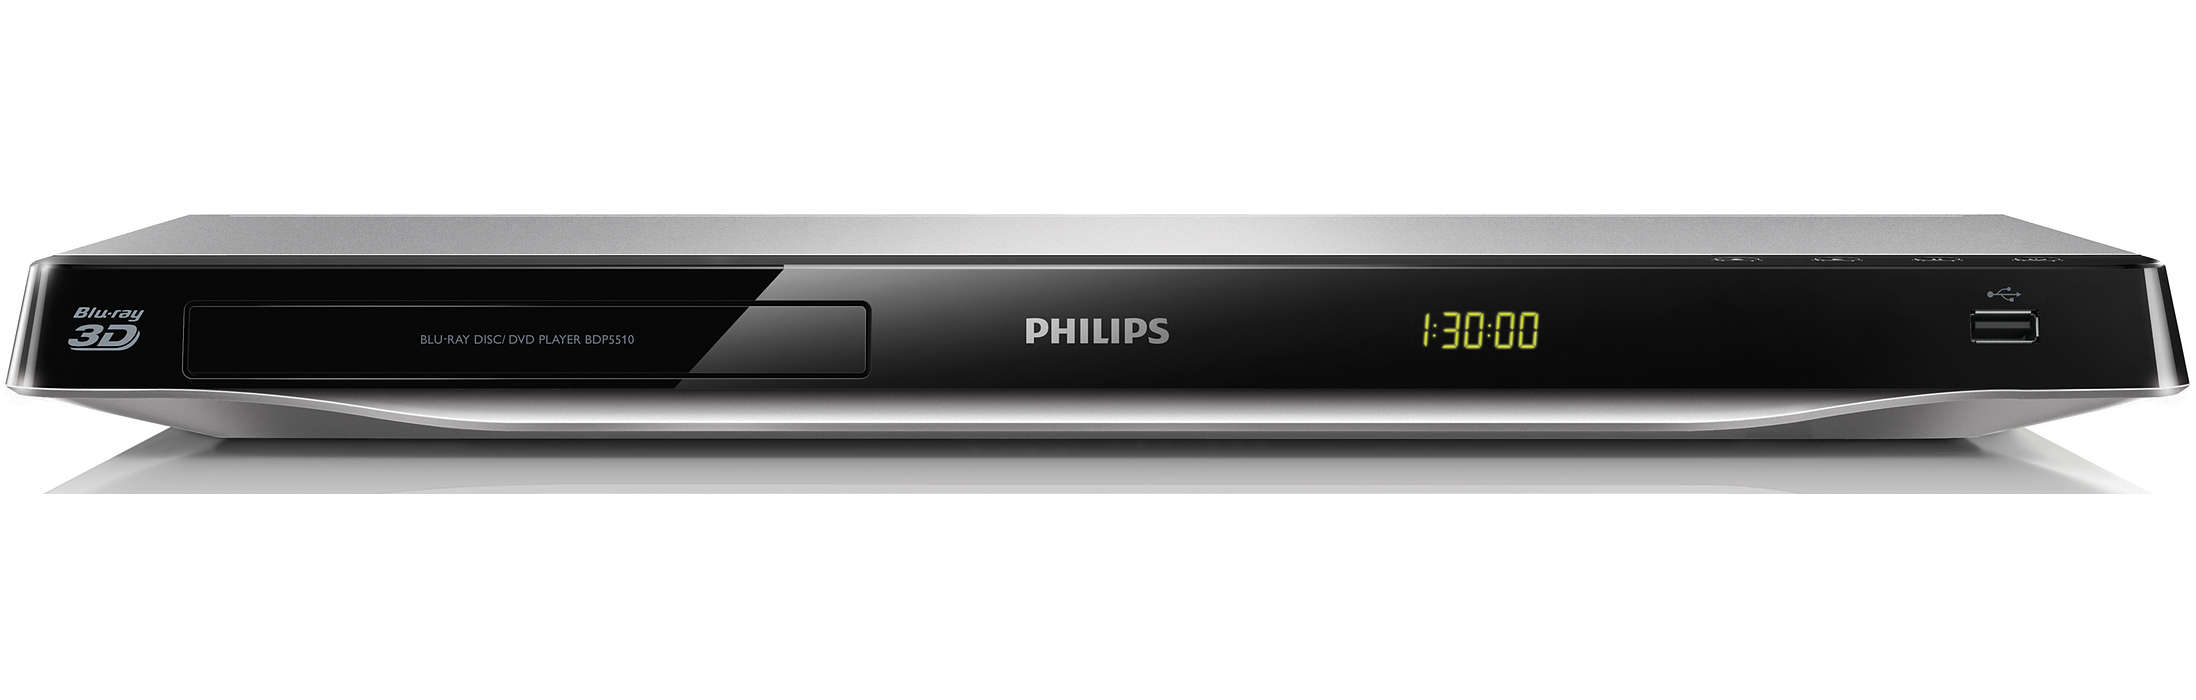 Blu-ray 3D şi cele mai bune site-uri Web pe televizor